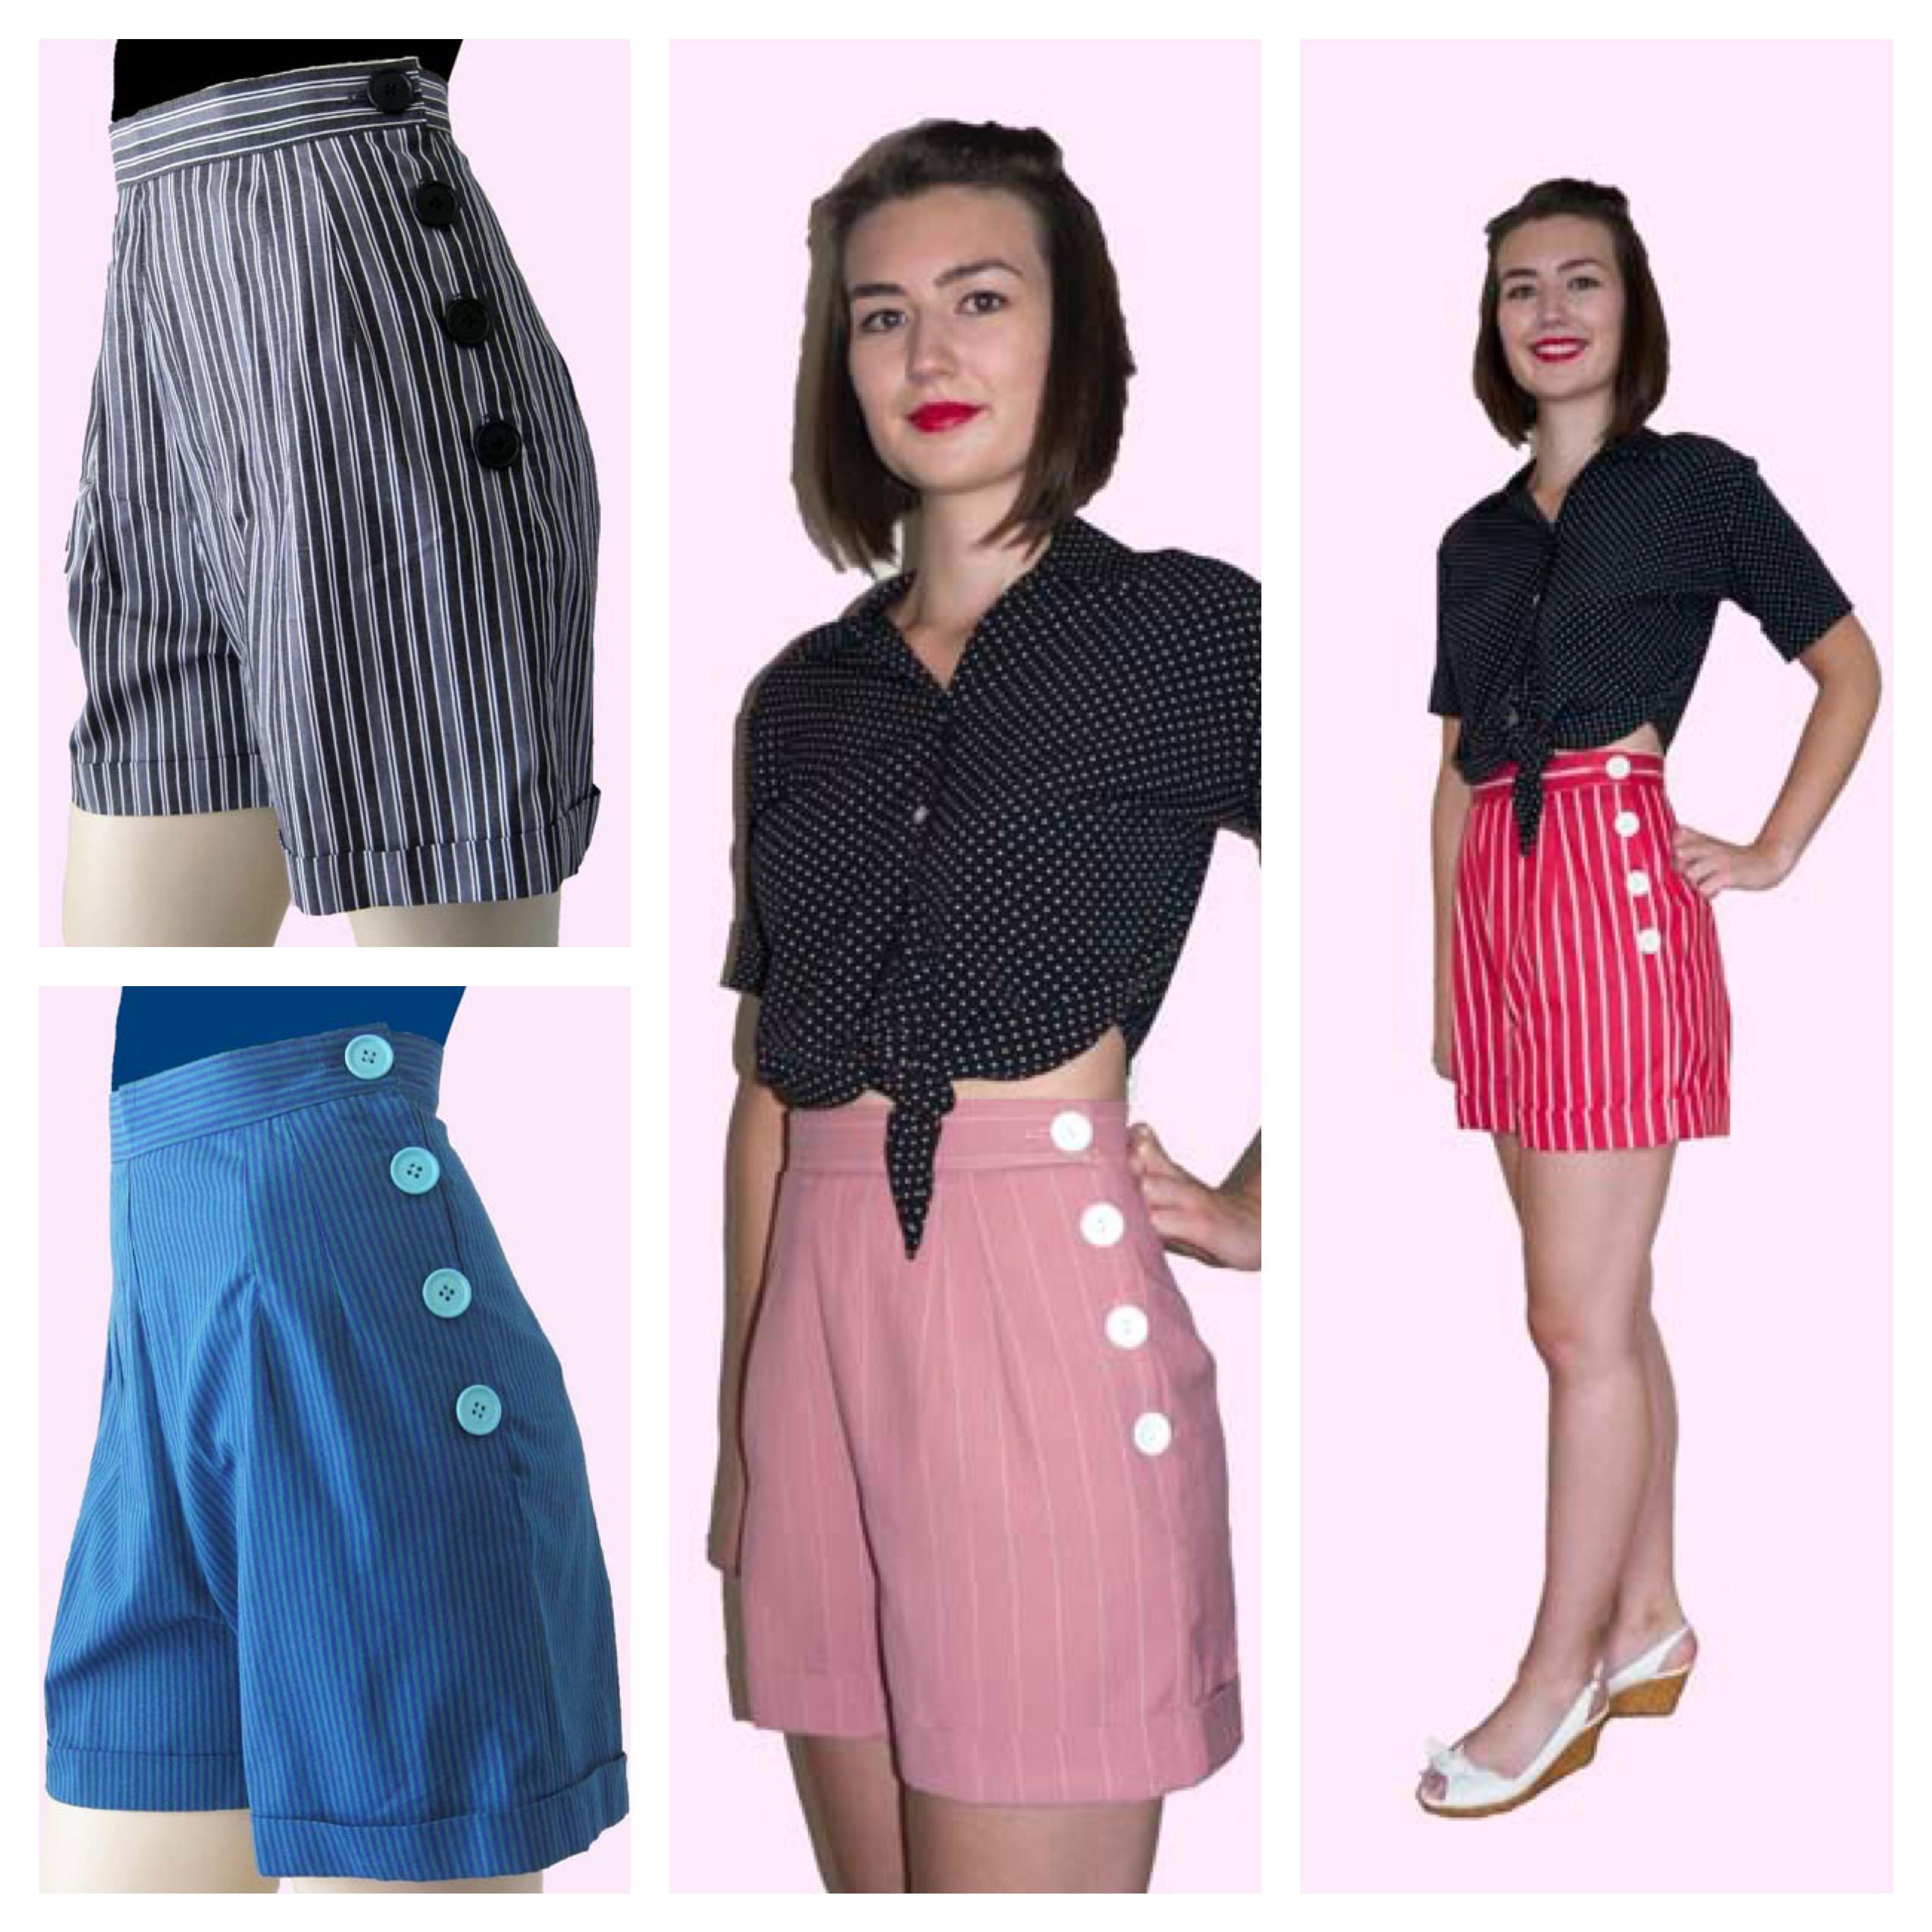 La Riviera 1940 S Style Shorts Stripes Morellos